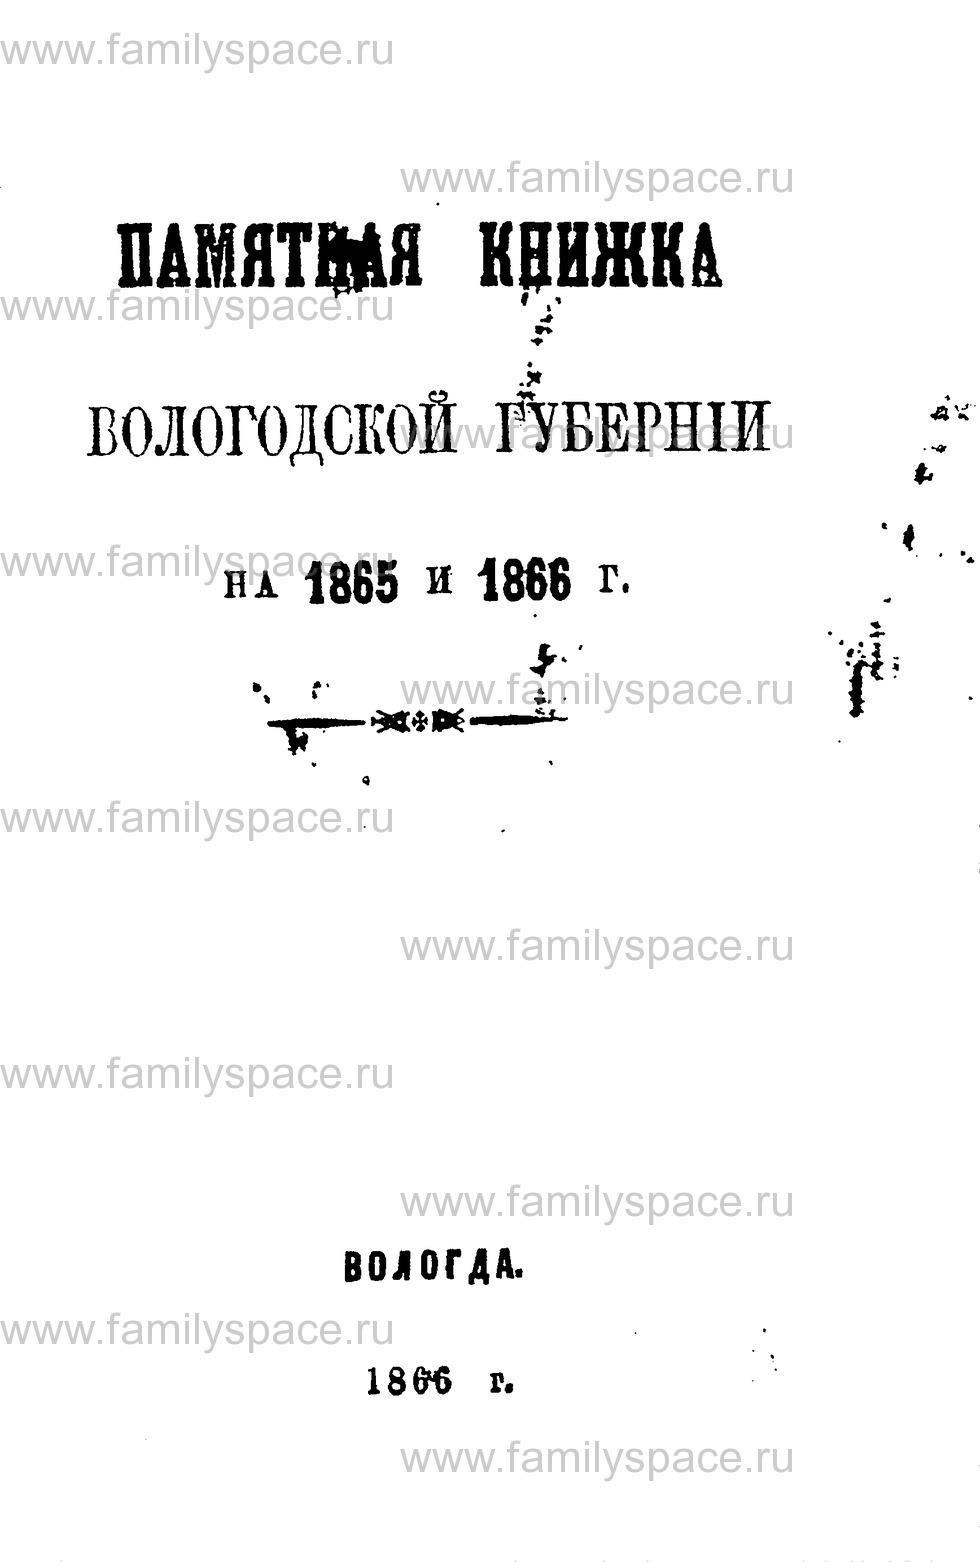 Поиск по фамилии - Памятная книжка Вологодской губернии на 1865-1866 гг, страница 1